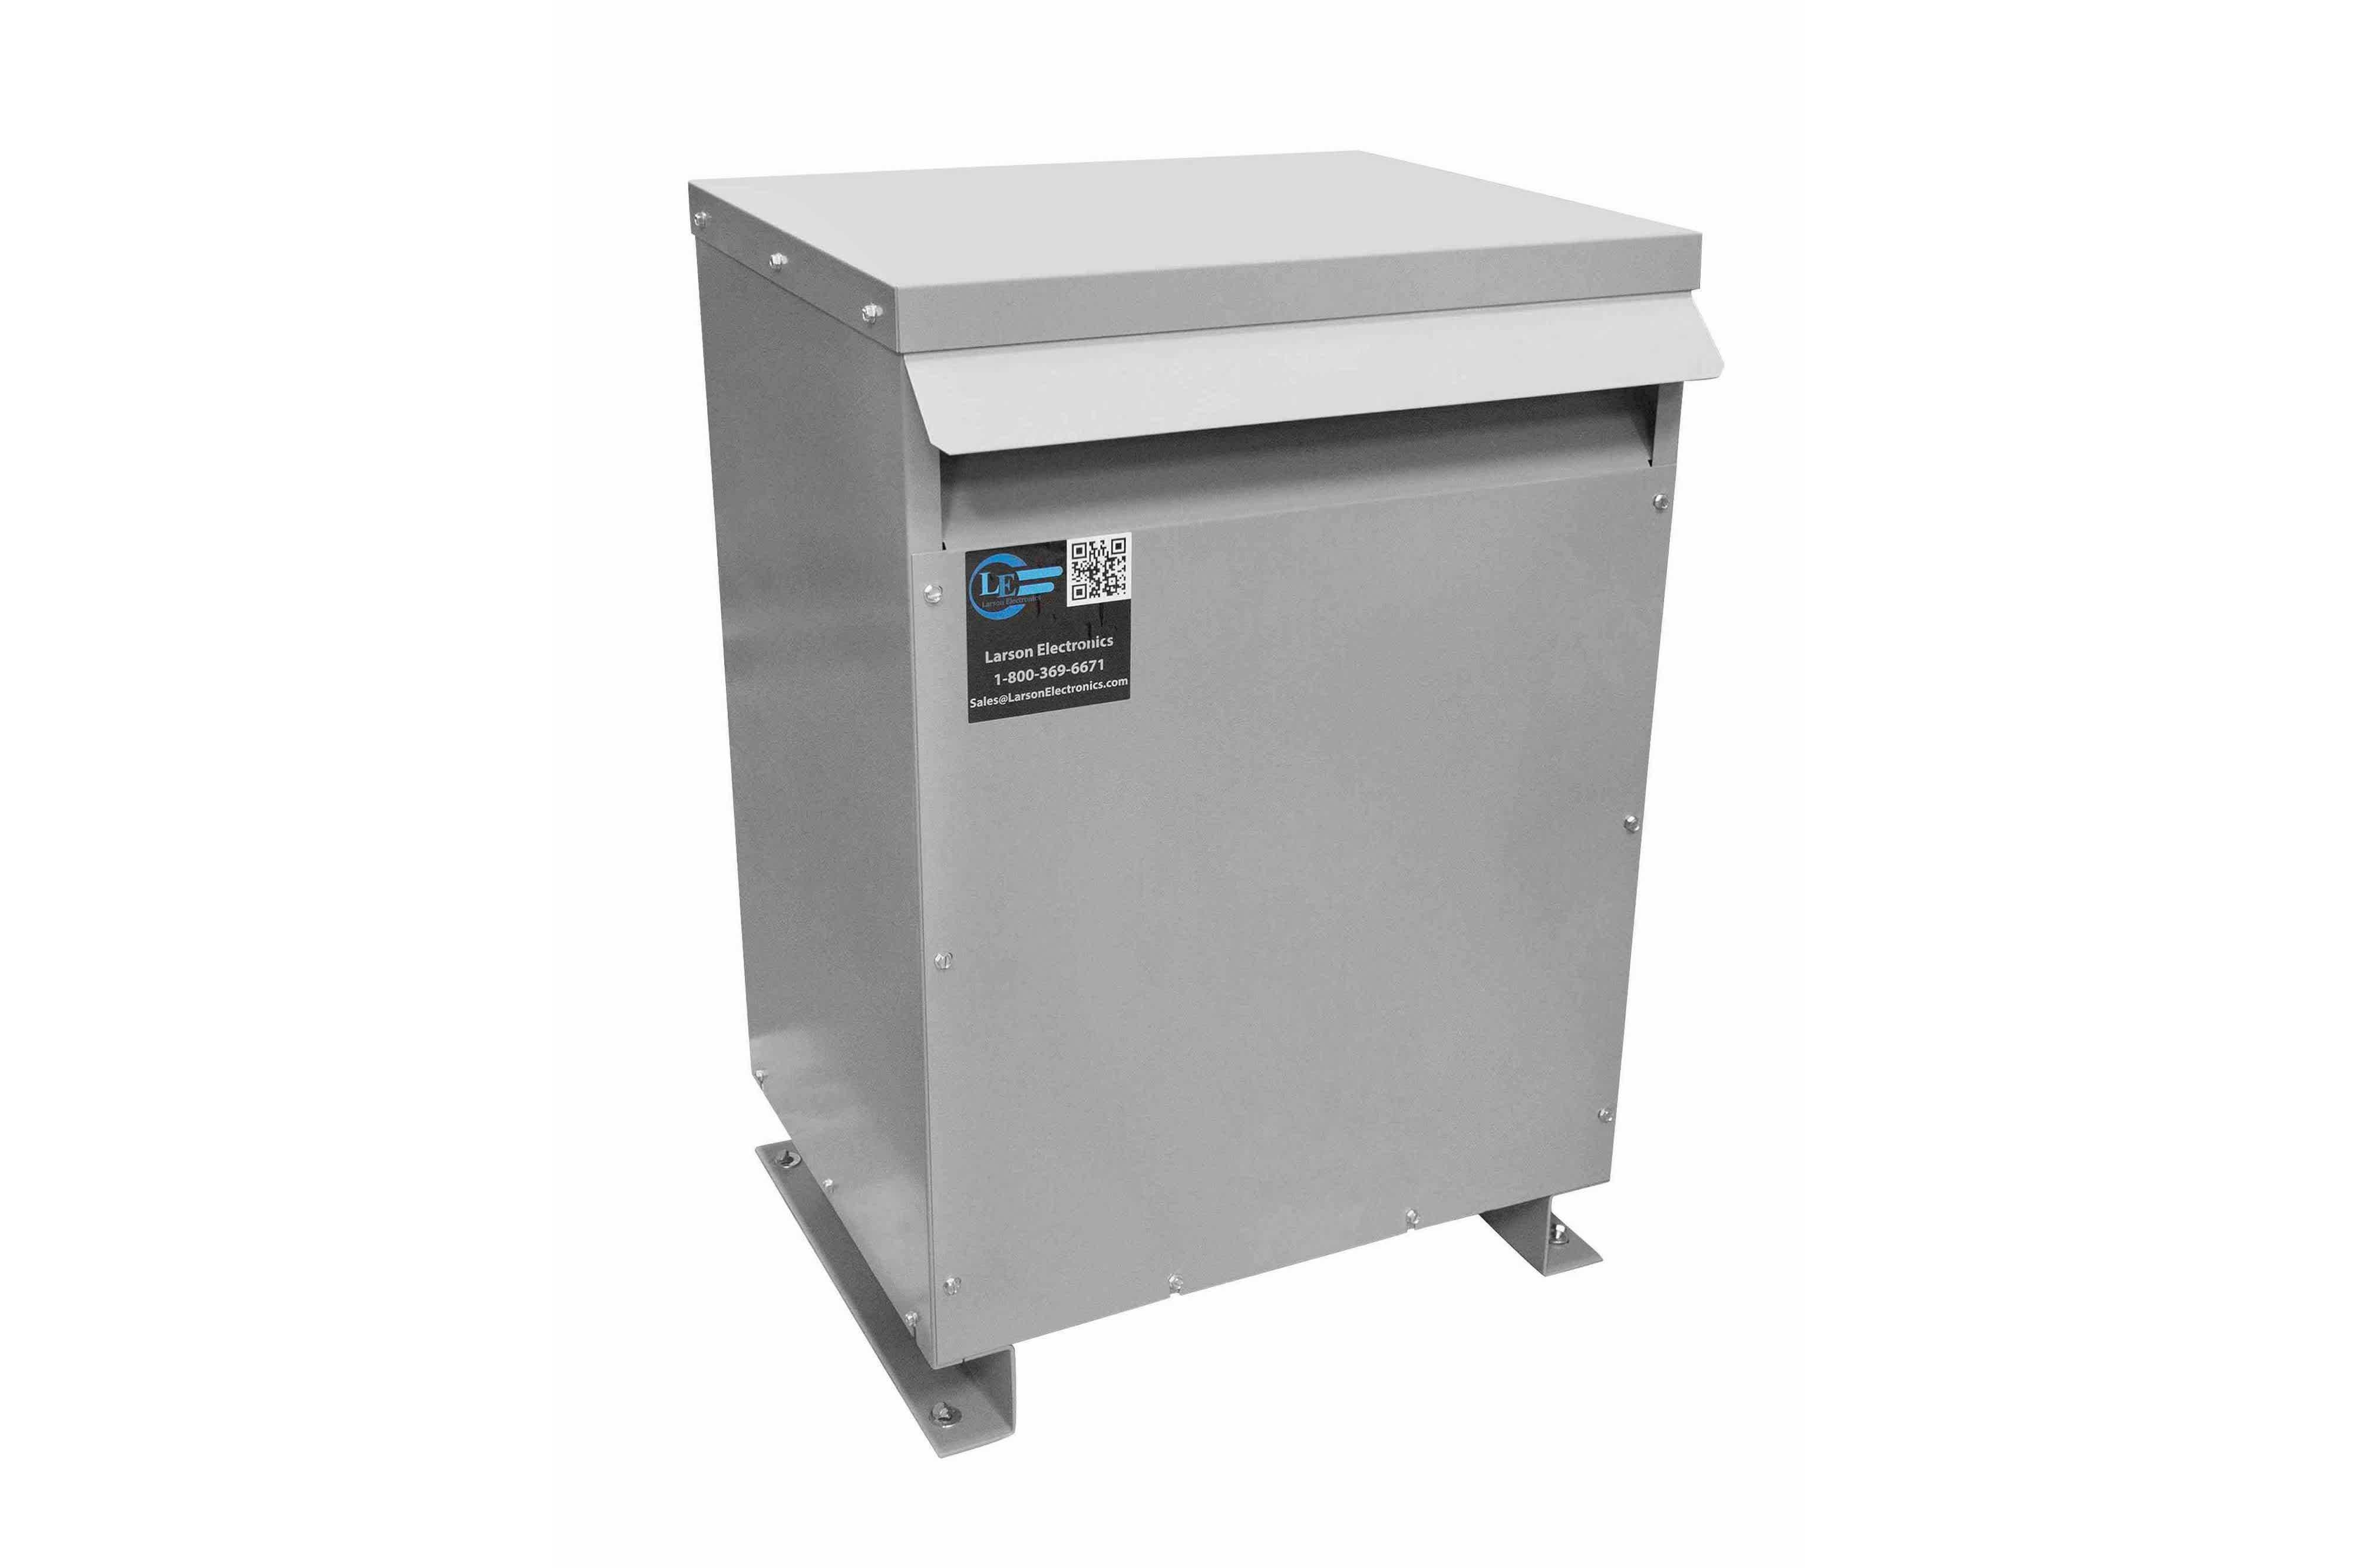 112.5 kVA 3PH Isolation Transformer, 240V Delta Primary, 208V Delta Secondary, N3R, Ventilated, 60 Hz